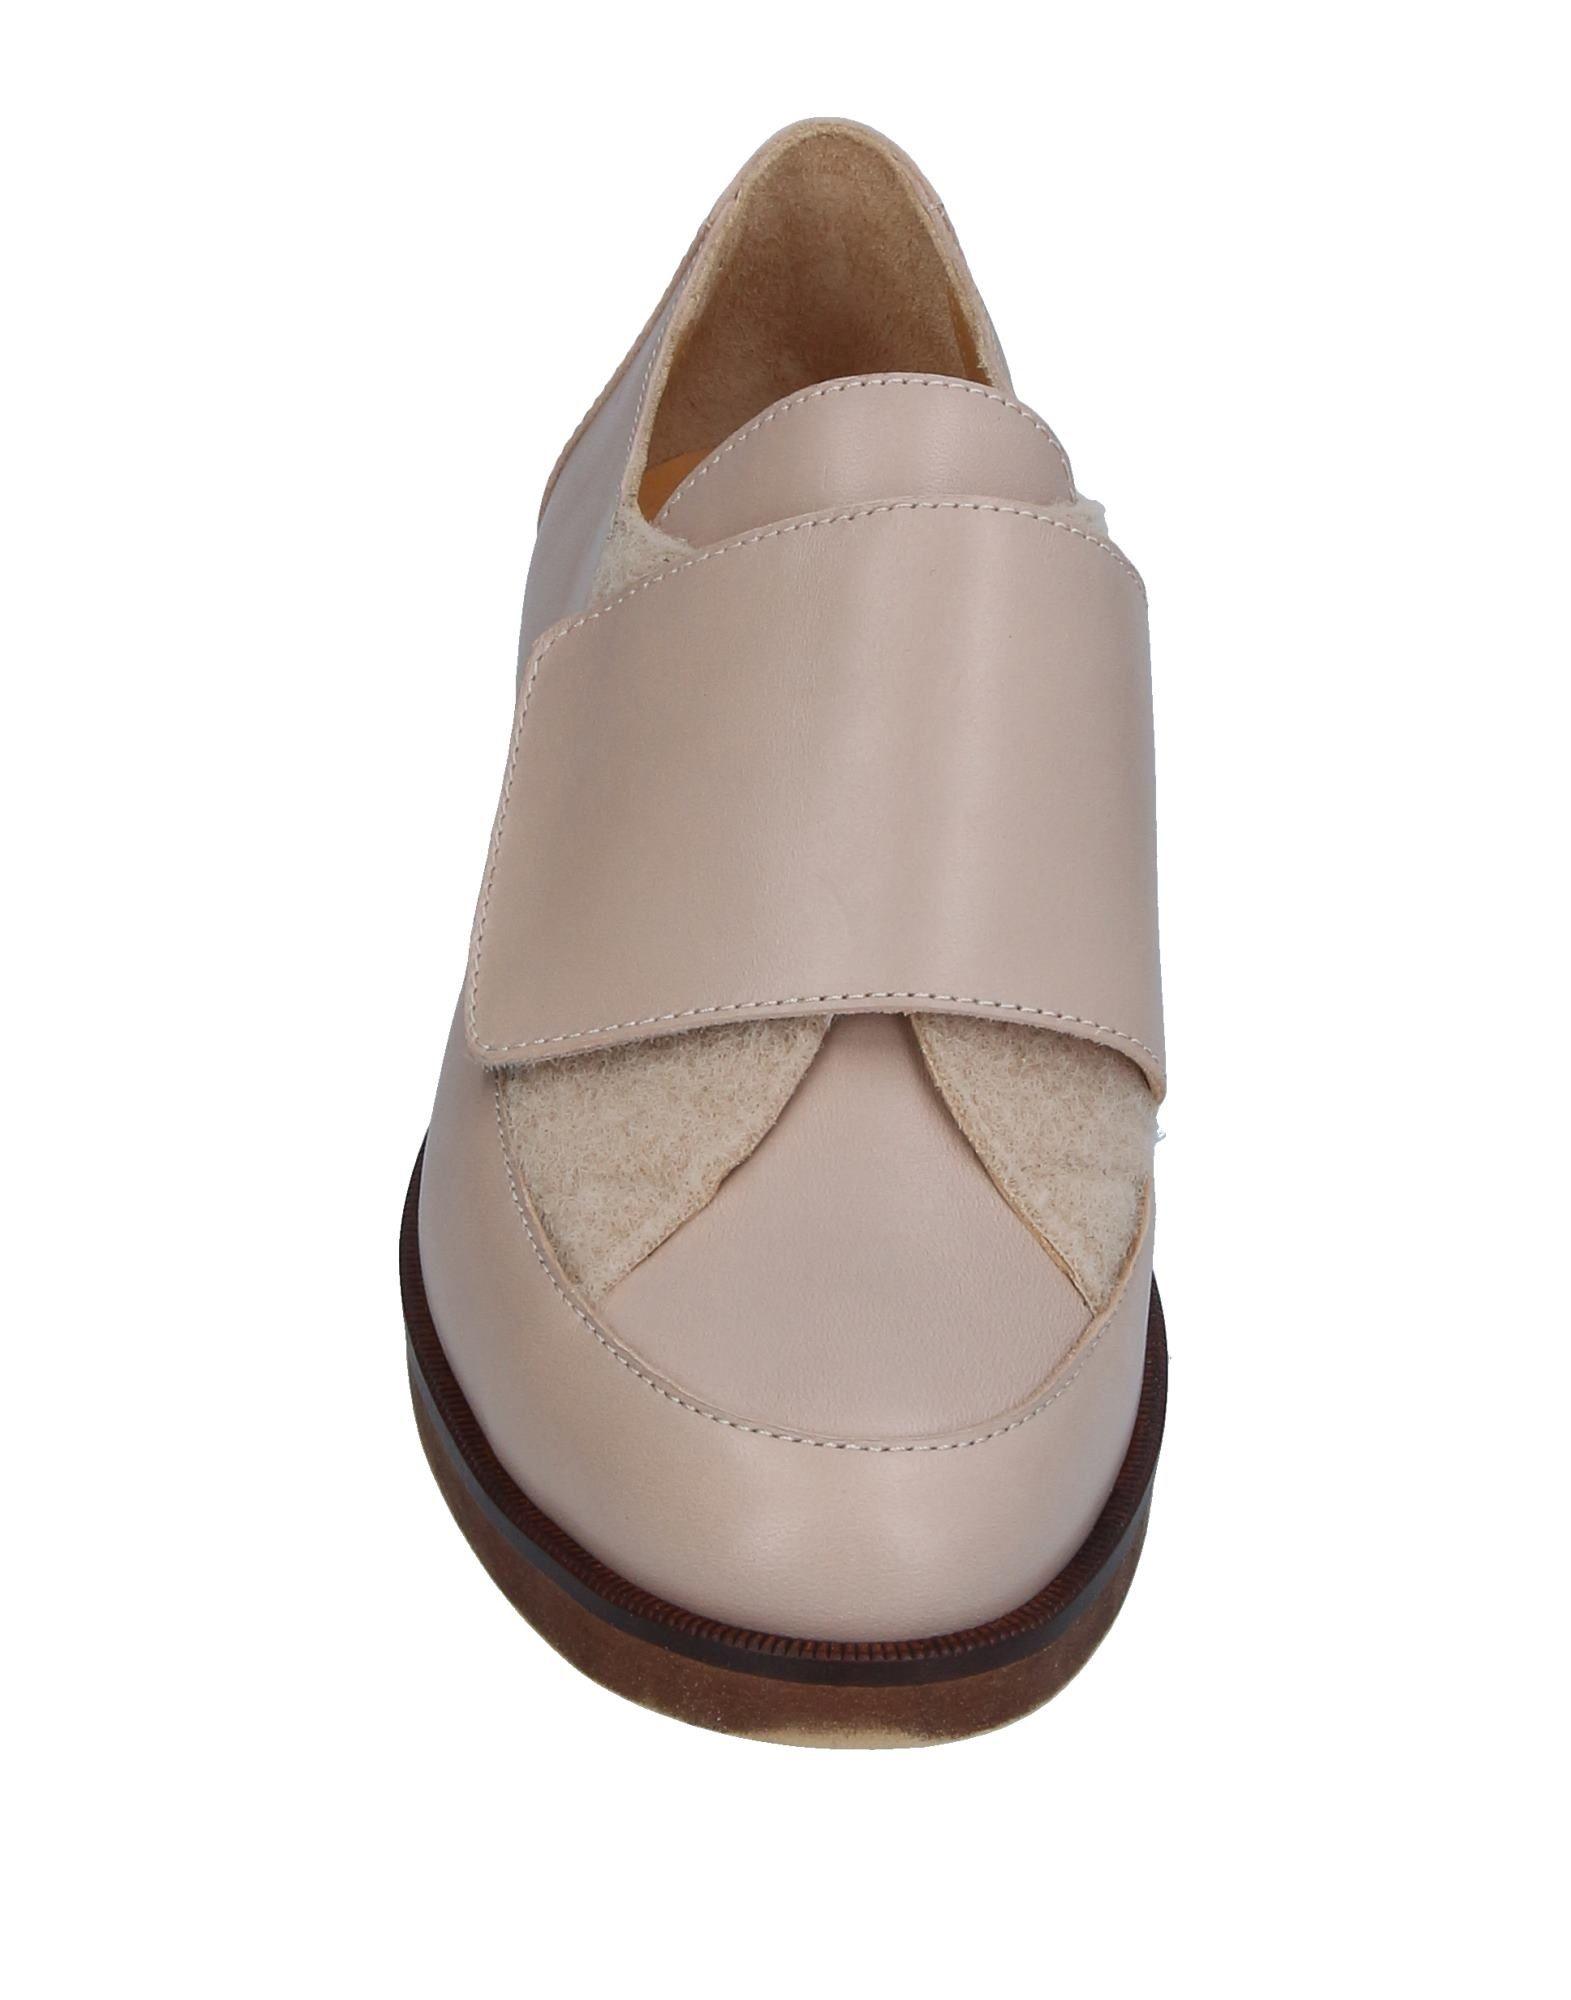 Mm6 Maison Margiela  Mokassins Damen  Margiela 11355065LU Neue Schuhe 26bd43